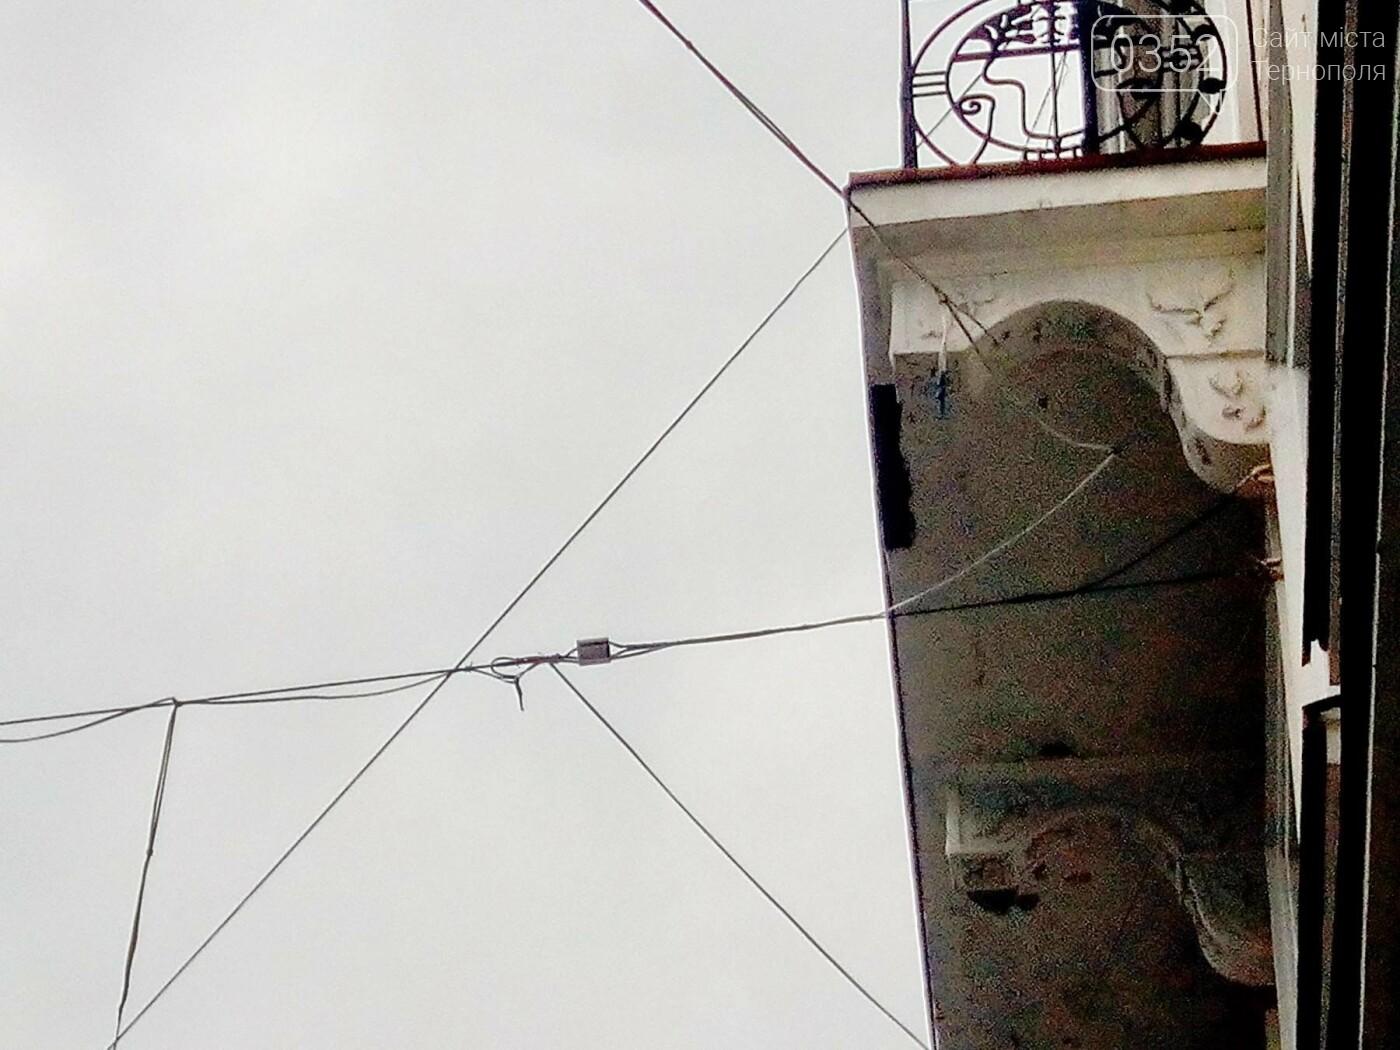 Тернополянам на вул. Валовій на голову може впасти ілюмінація (фото), фото-1